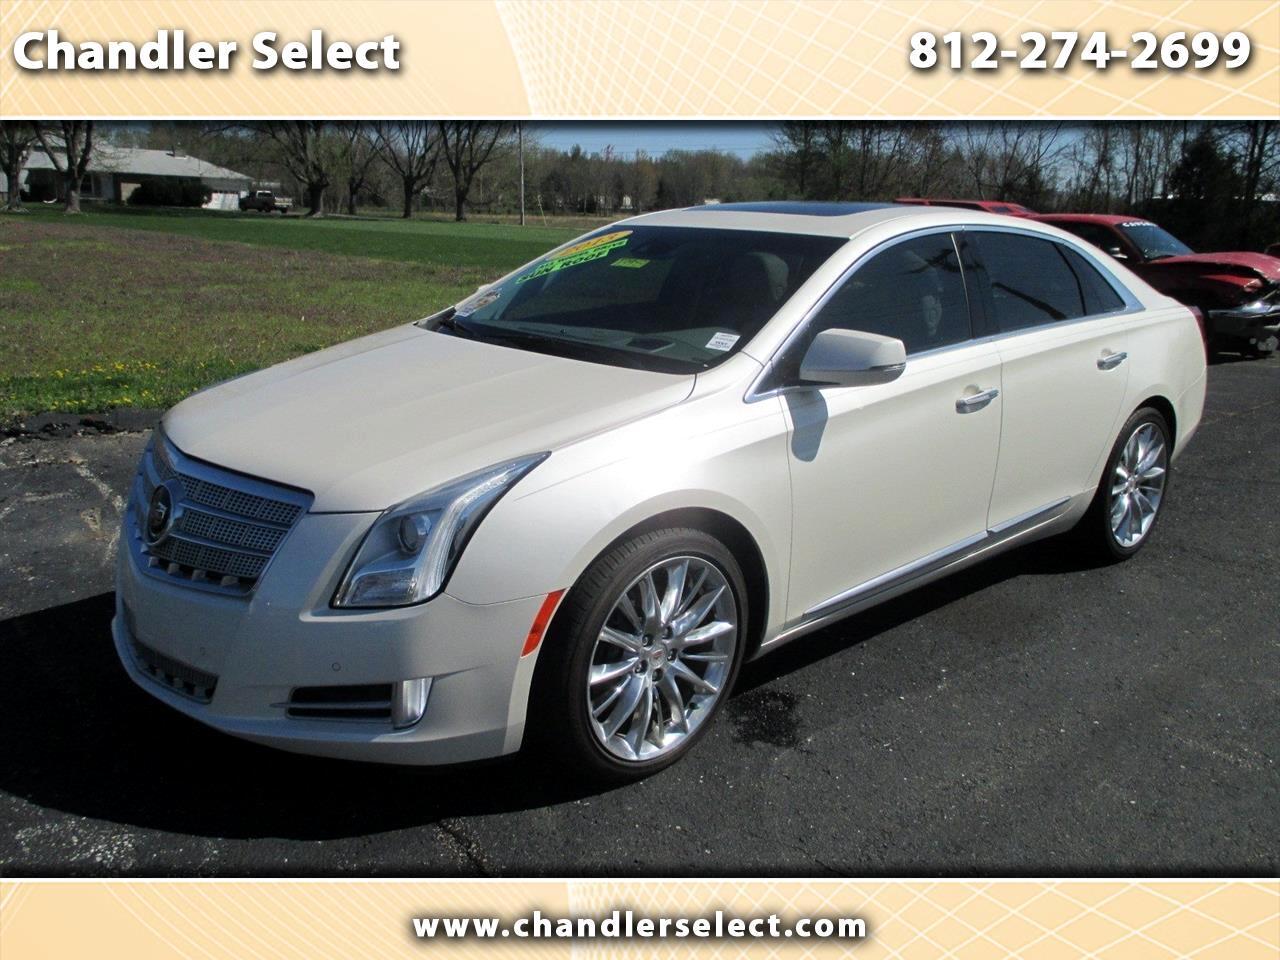 Cadillac XTS 4dr Sdn Platinum AWD 2013